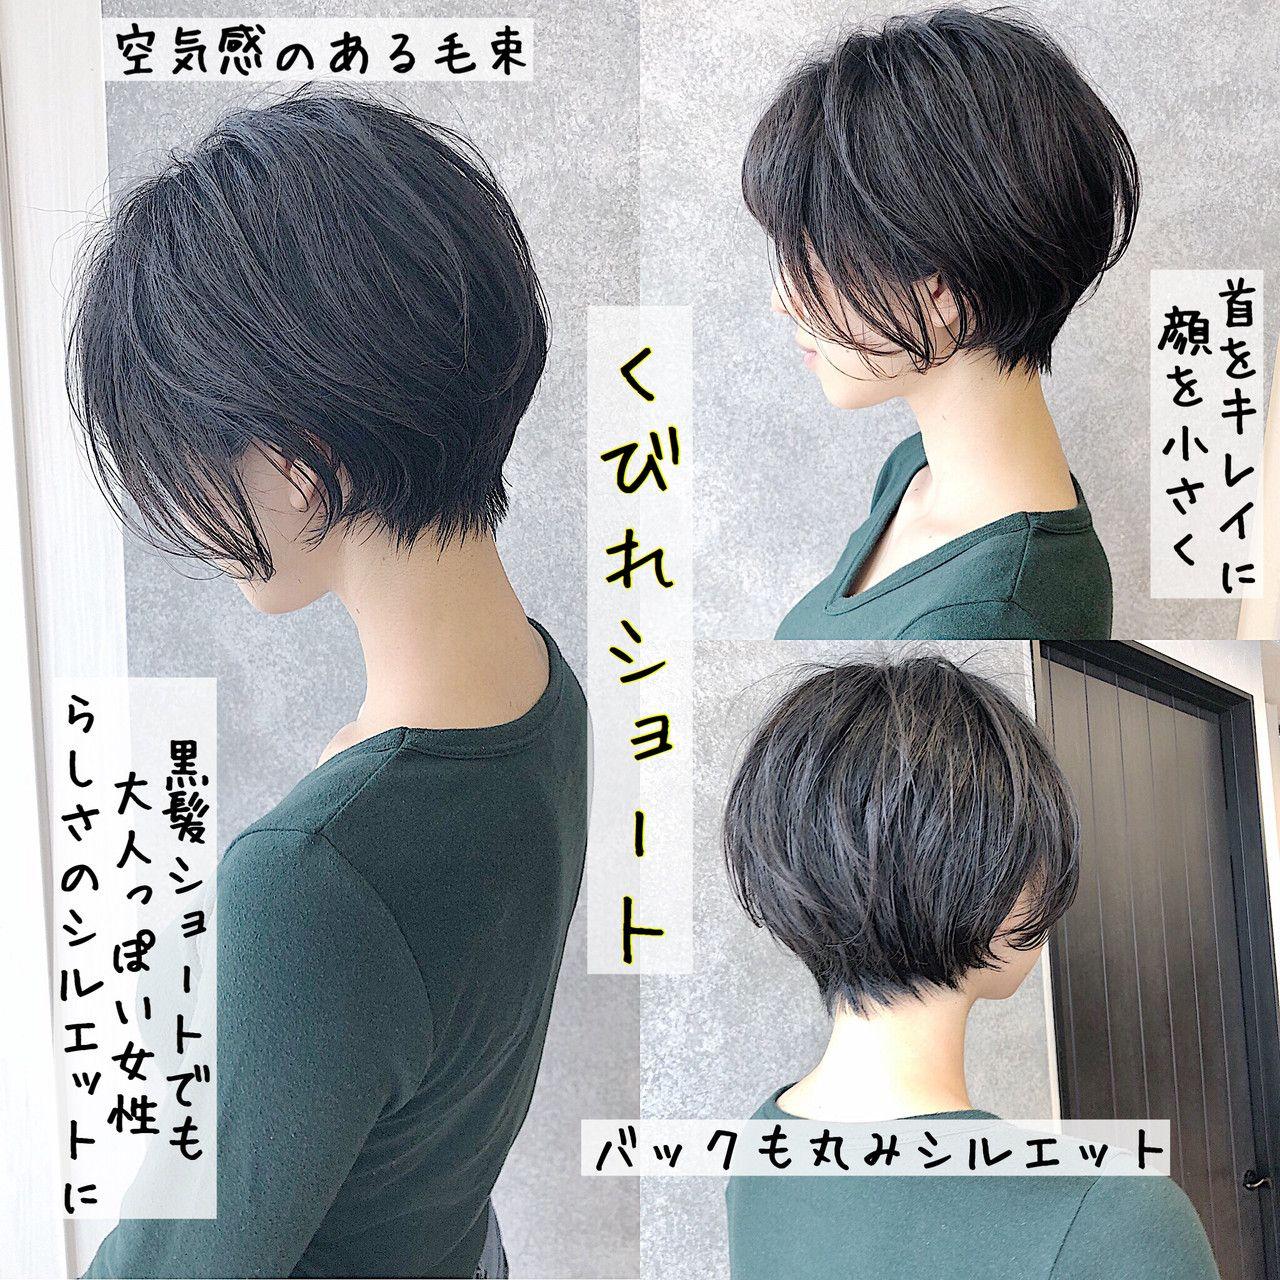 小顔 ショートボブ エレガント 縮毛矯正×GRAFF hair×本田 重人×479242【HAIR】